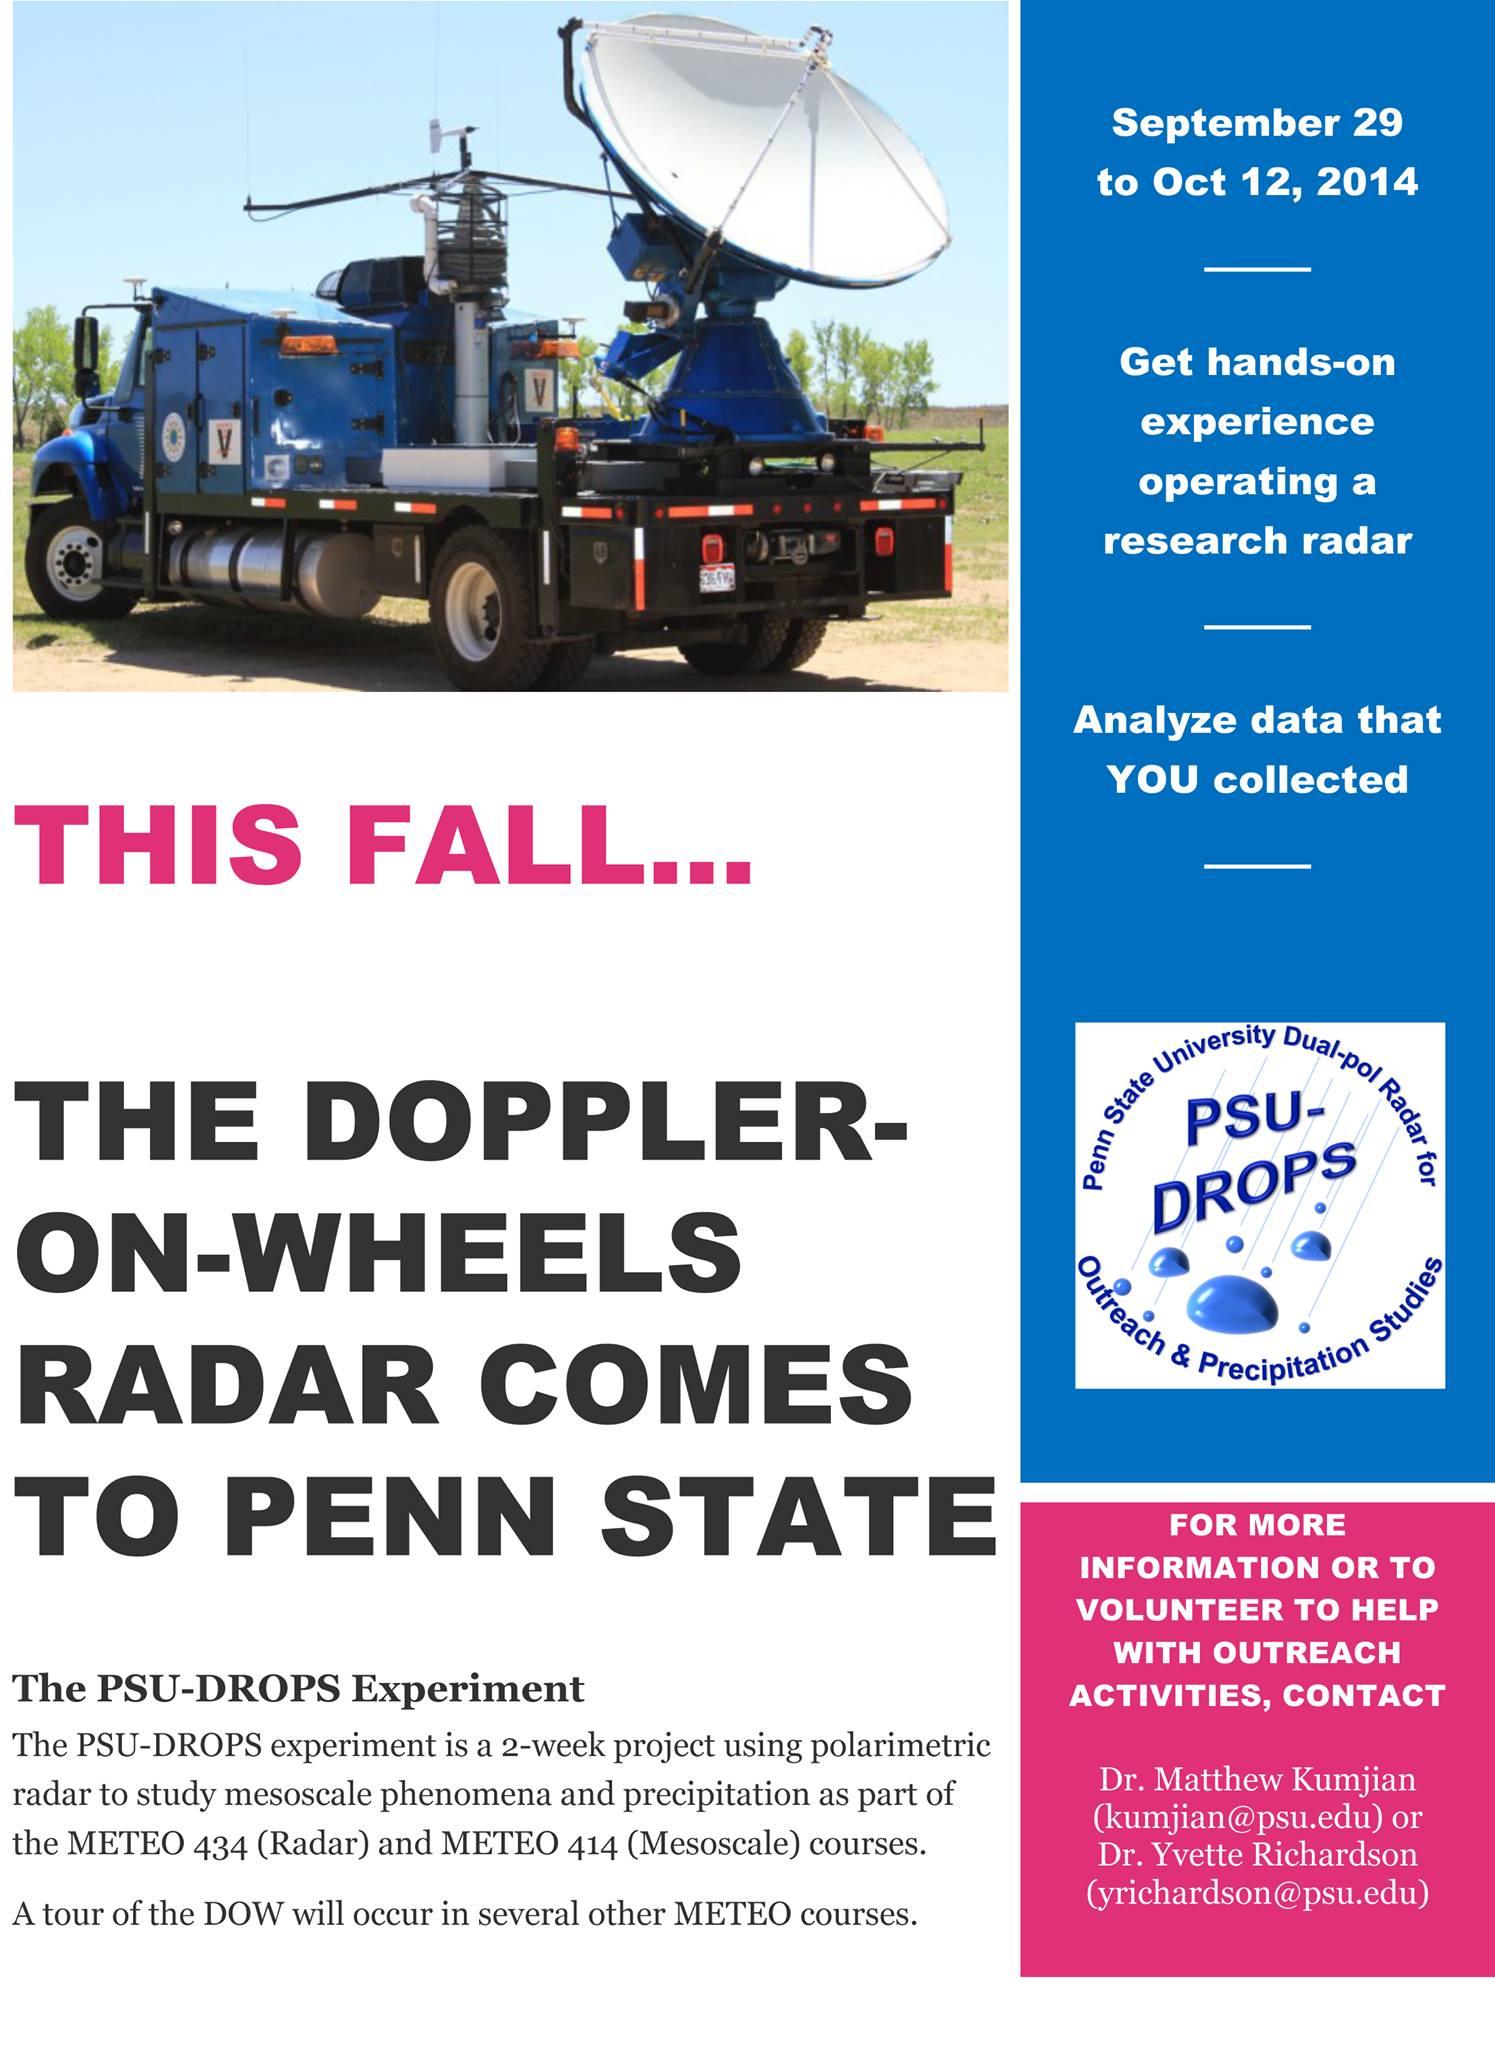 PSU-Drops Experiment